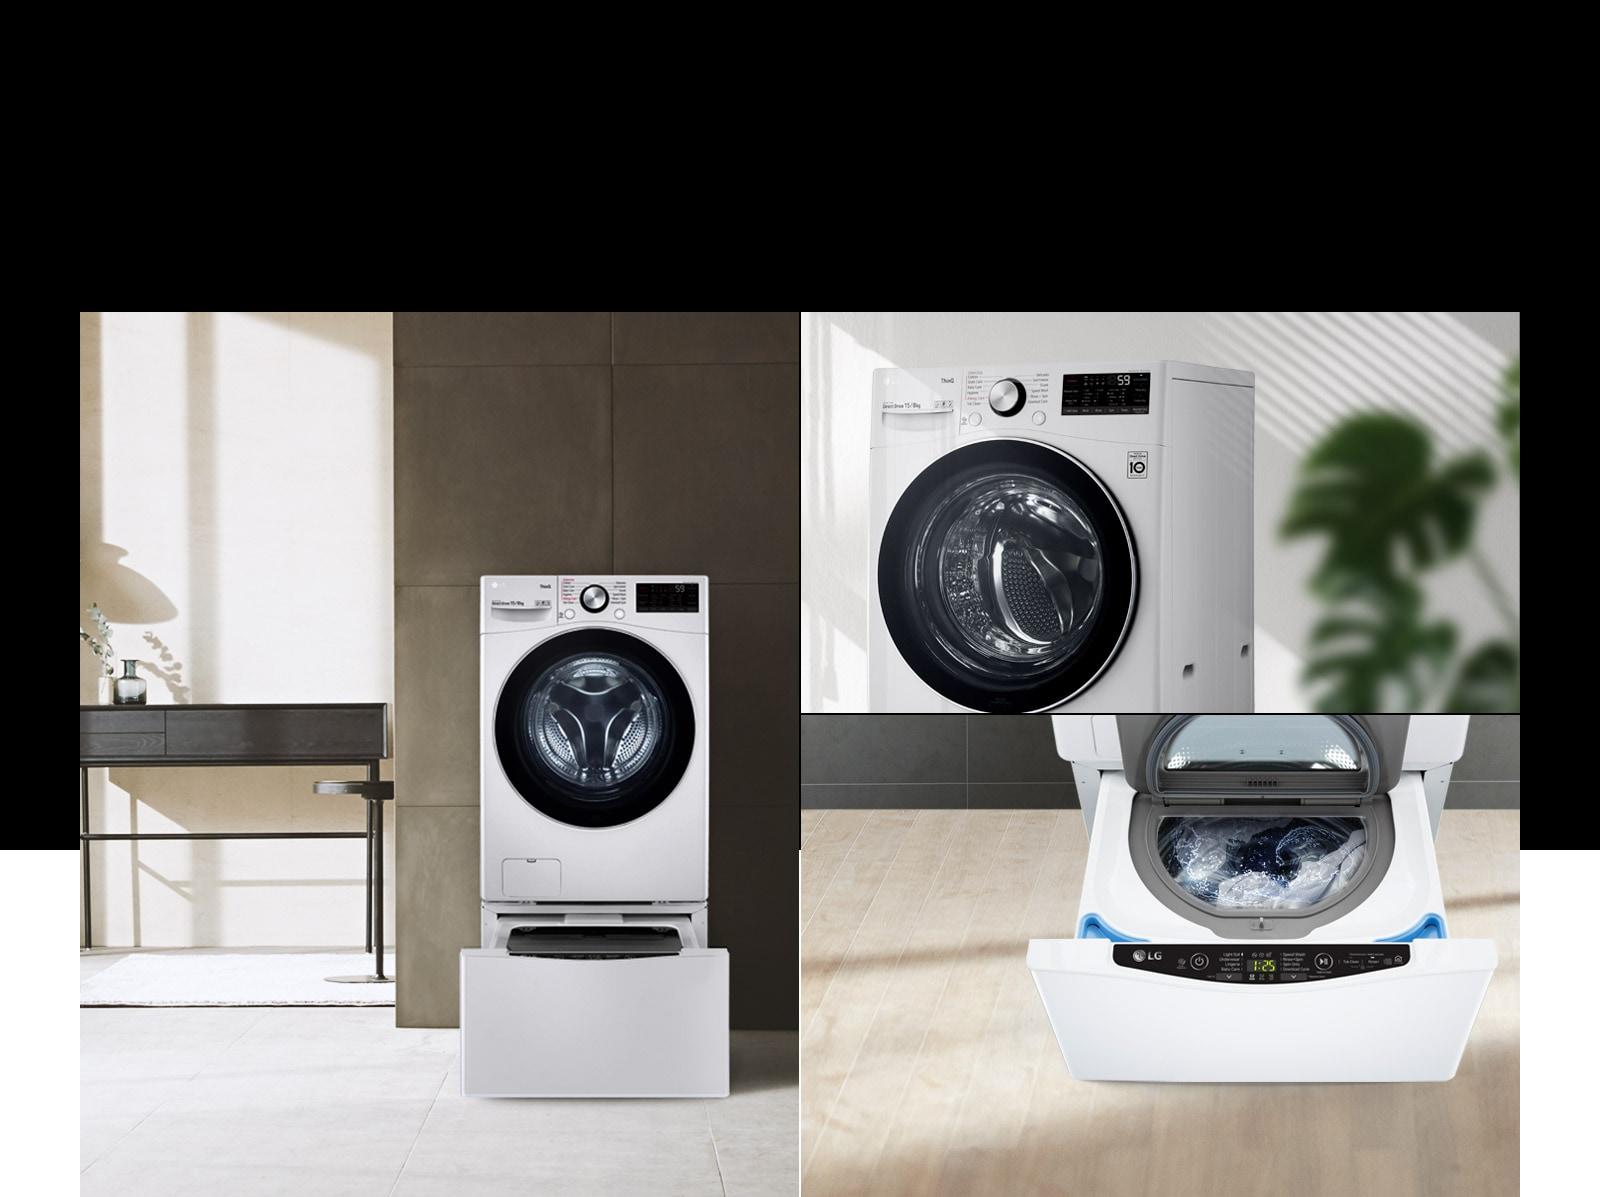 Một ảnh ghép cho thấy máy giặt tương thích TWINWash Mini trong một ngôi nhà theo phong cách hiện đại. Hình ảnh chụp mặt trước của máy giặt với cửa đang đóng và hai hình ảnh chụp ngăn dưới đang mở.